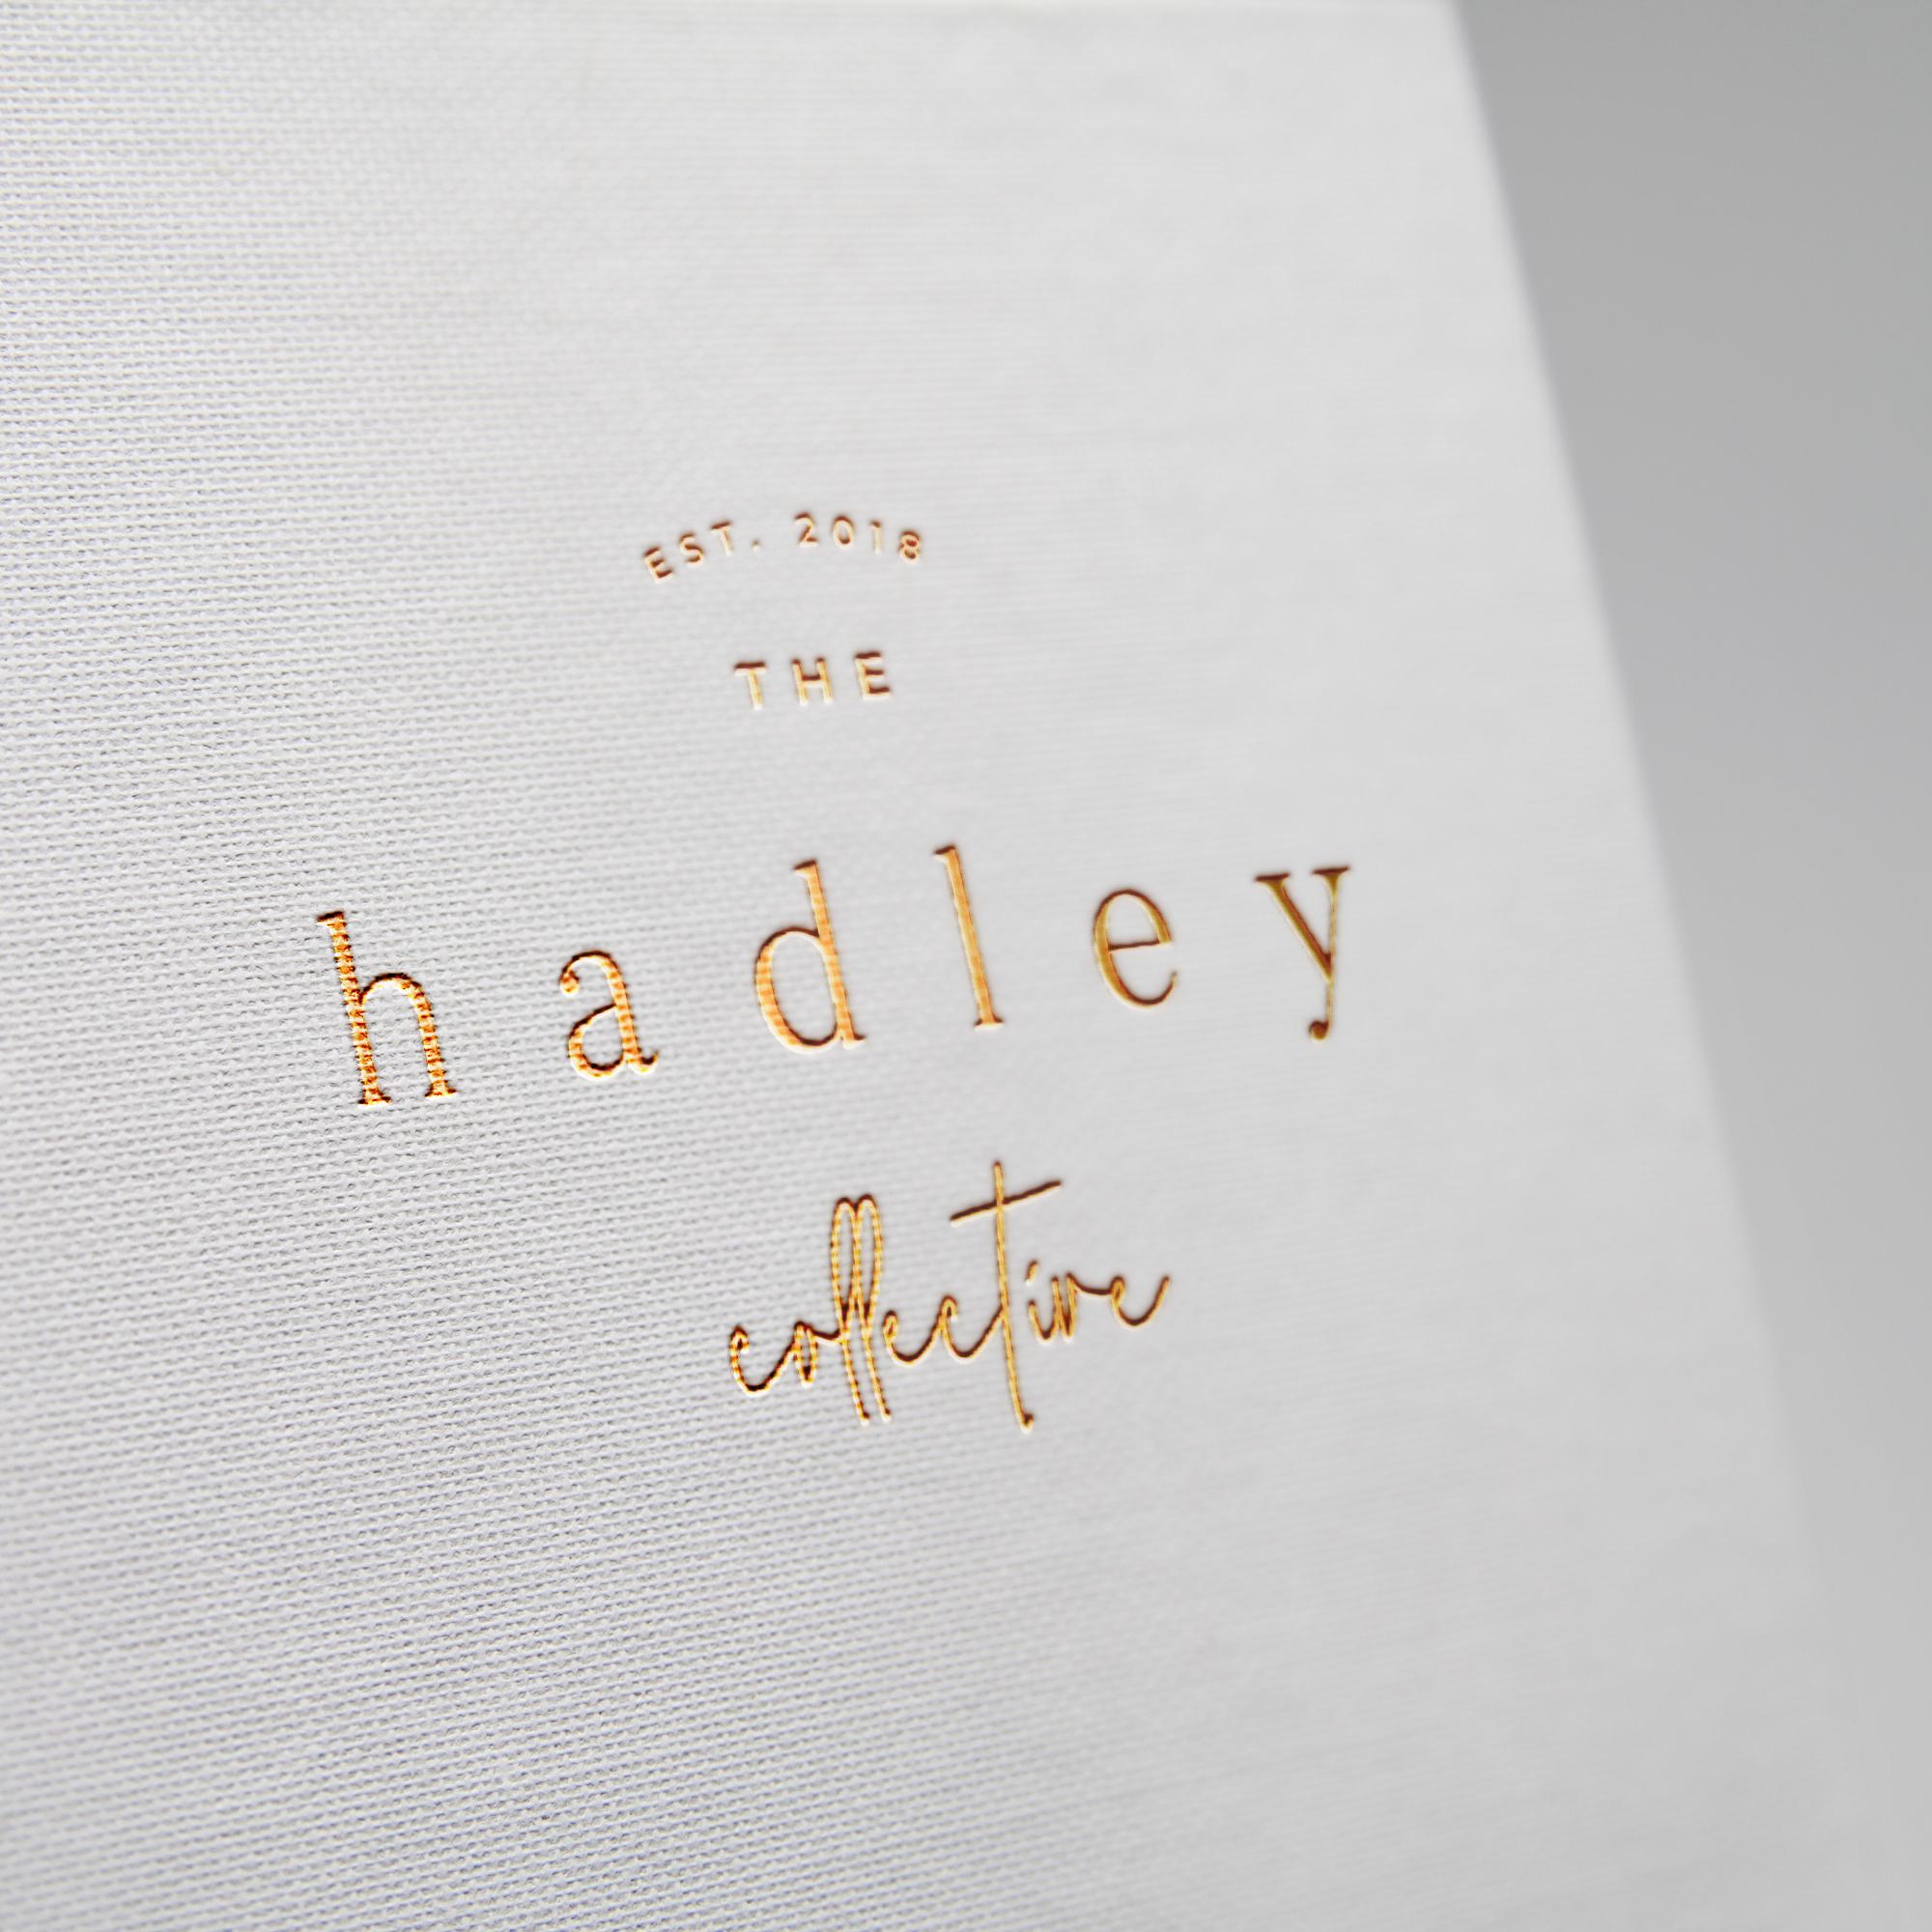 hadley.jpg